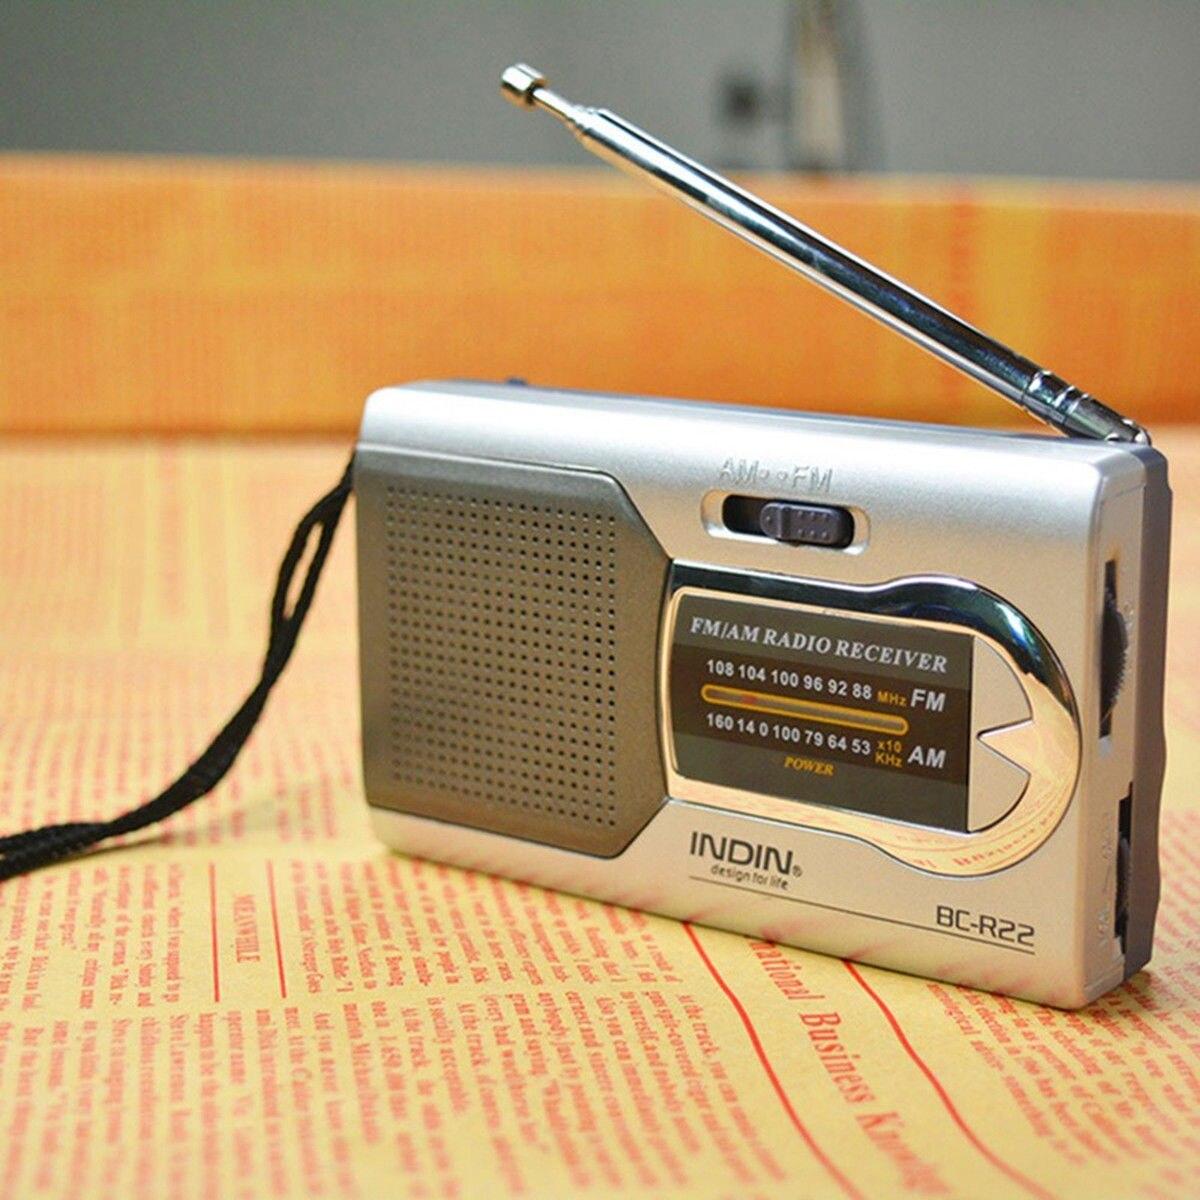 2017 Apleok BC-R22 Tragbare AM FM Radio Receiver eingebauten Lautsprecher mit Standard Kopfhörer Jack Mini Radio